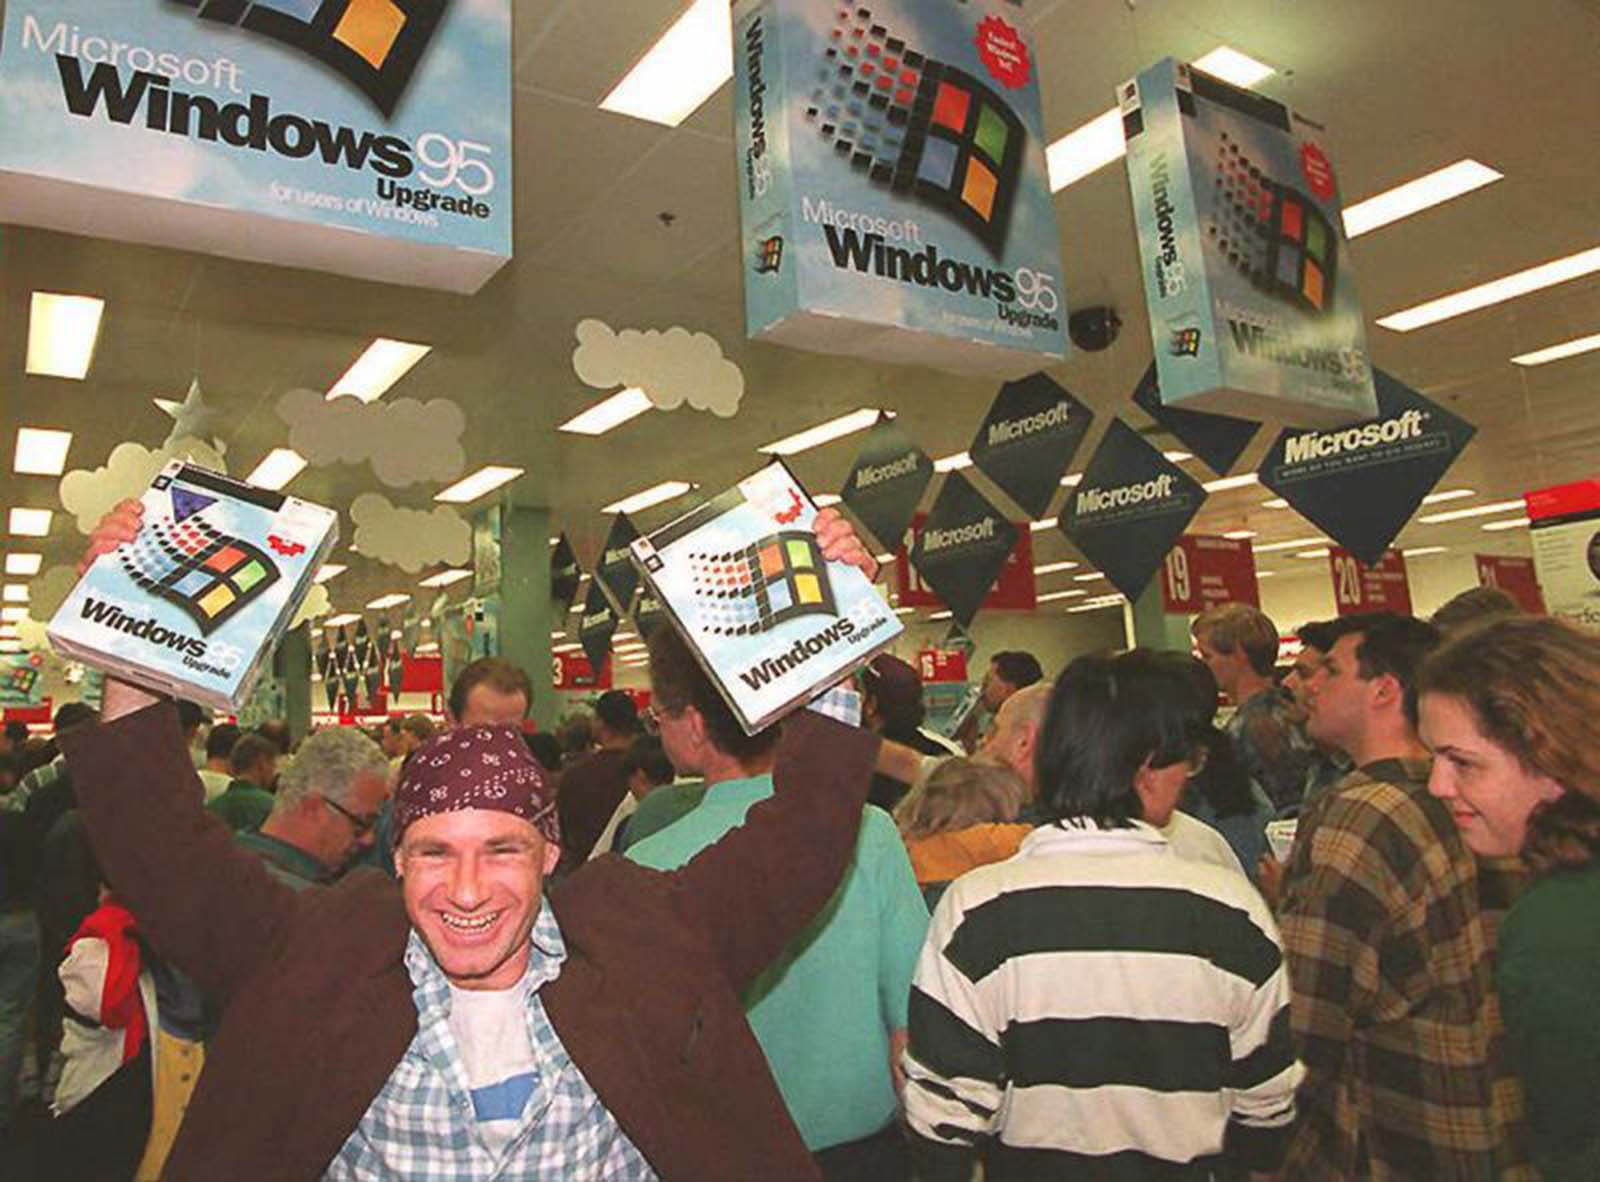 Windows 95 launch%2B%25281%2529 - Relembre a enorme histeria do lançamento do Windows 95 em 1995